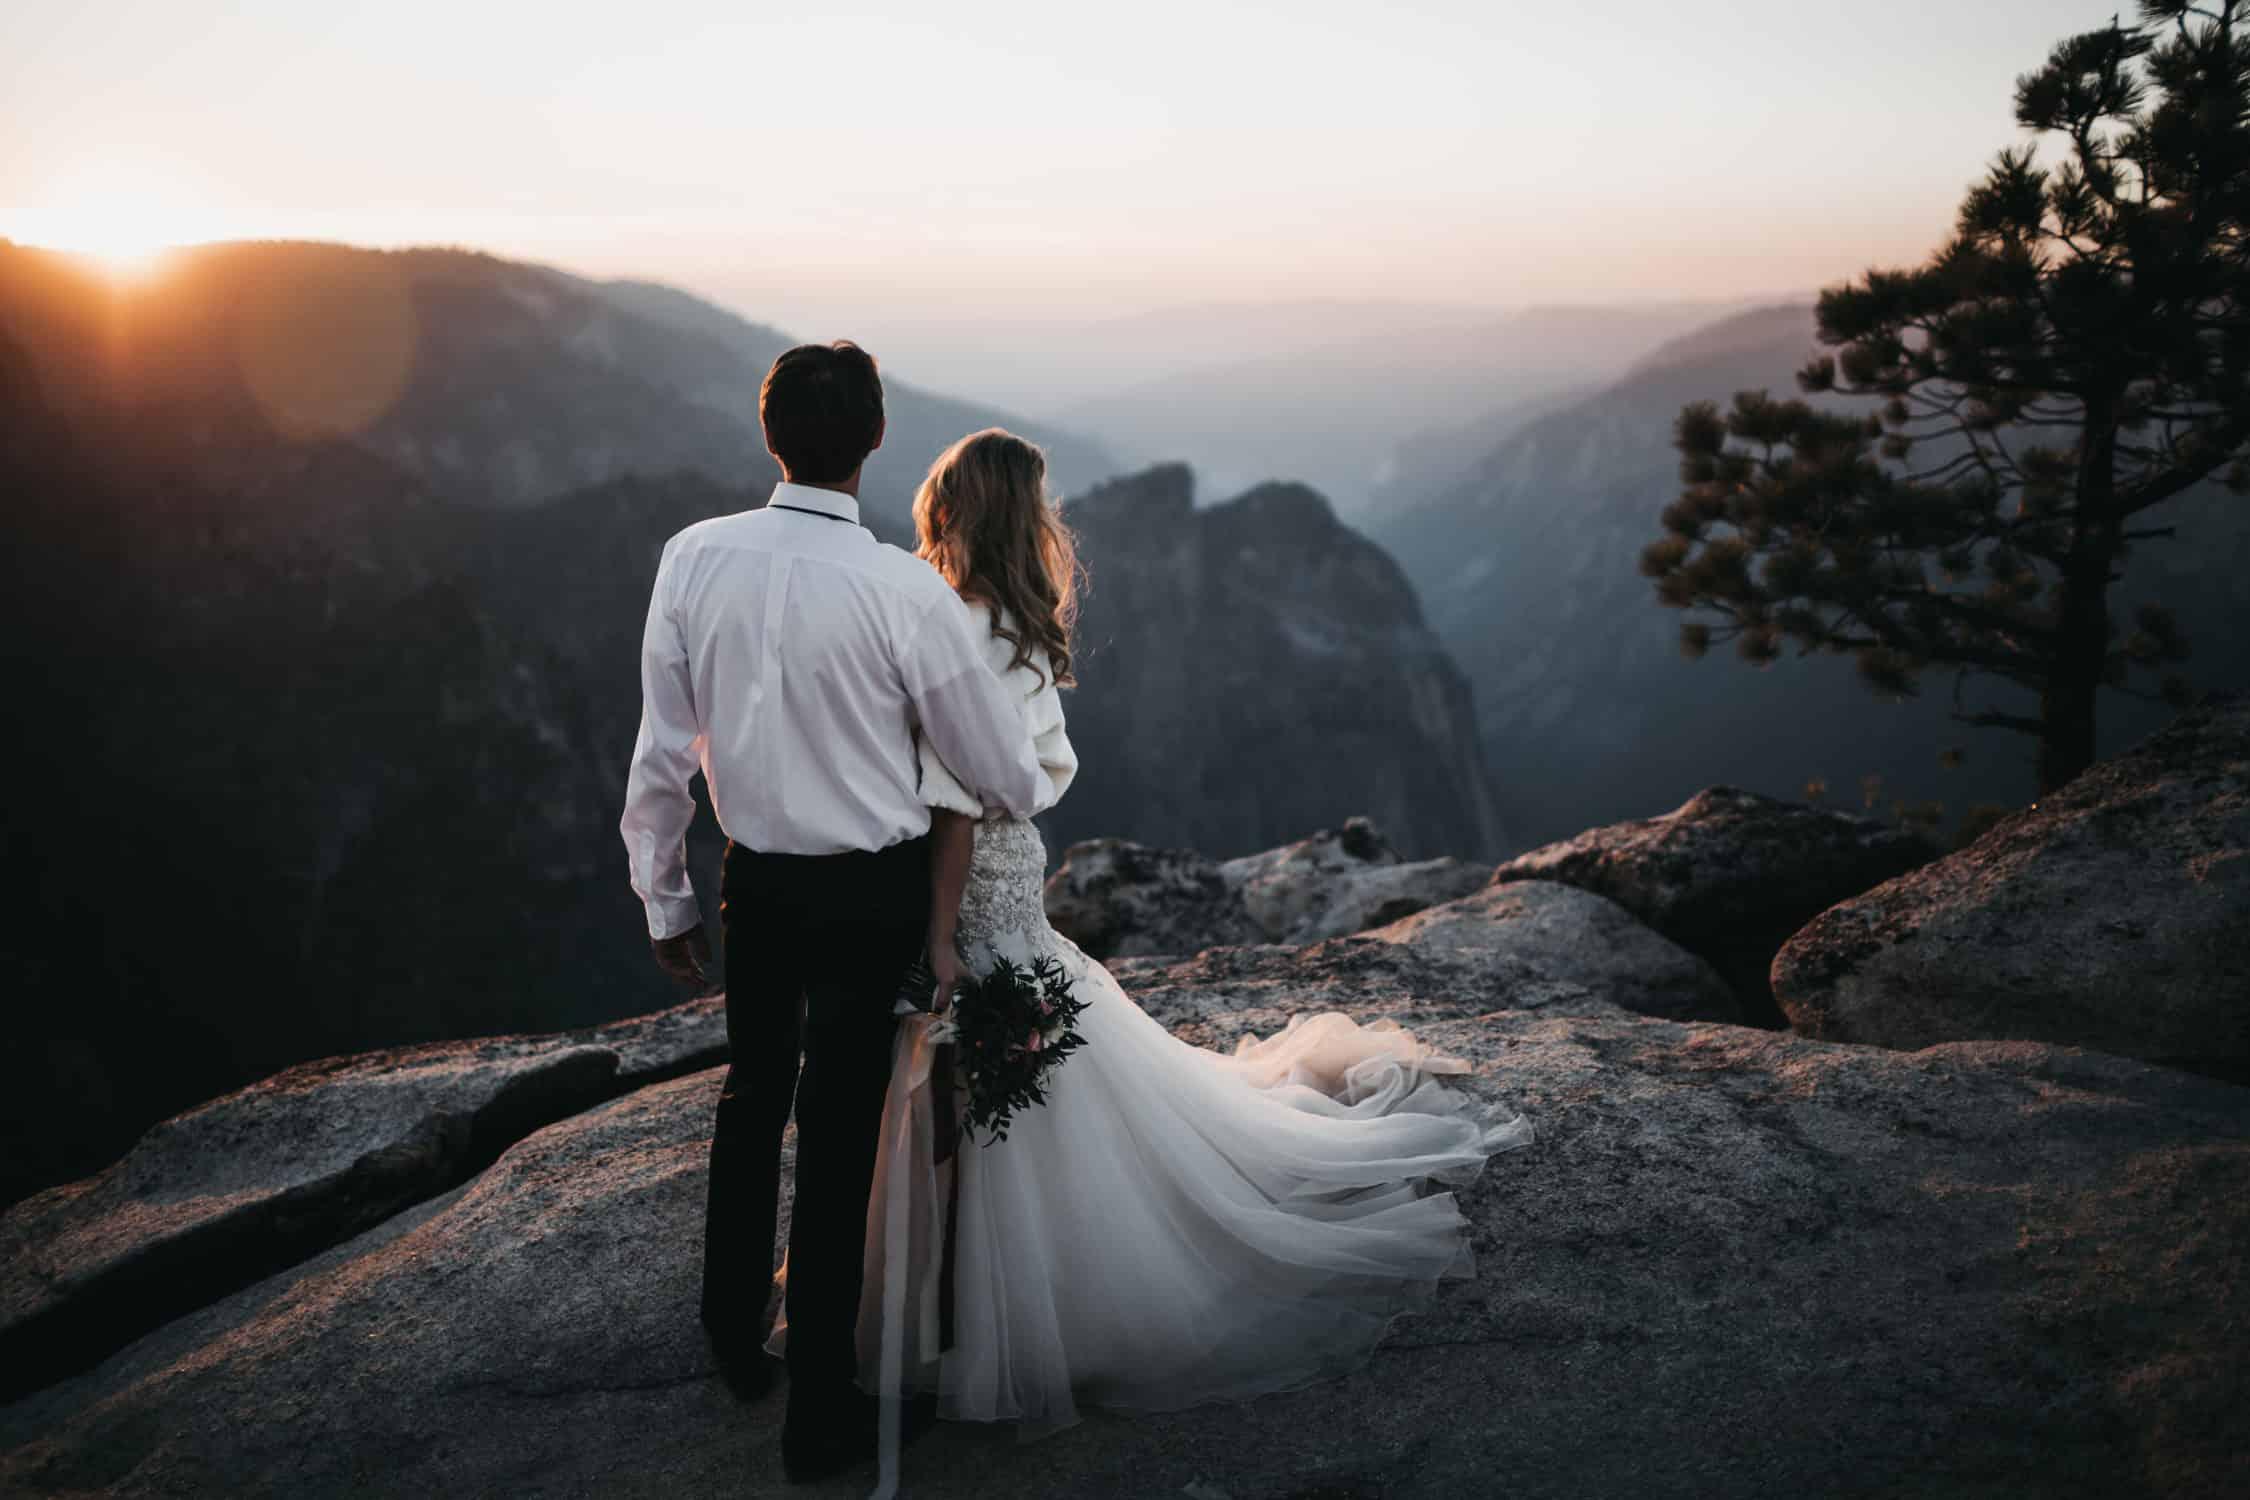 Yosemite Wedding at taft point